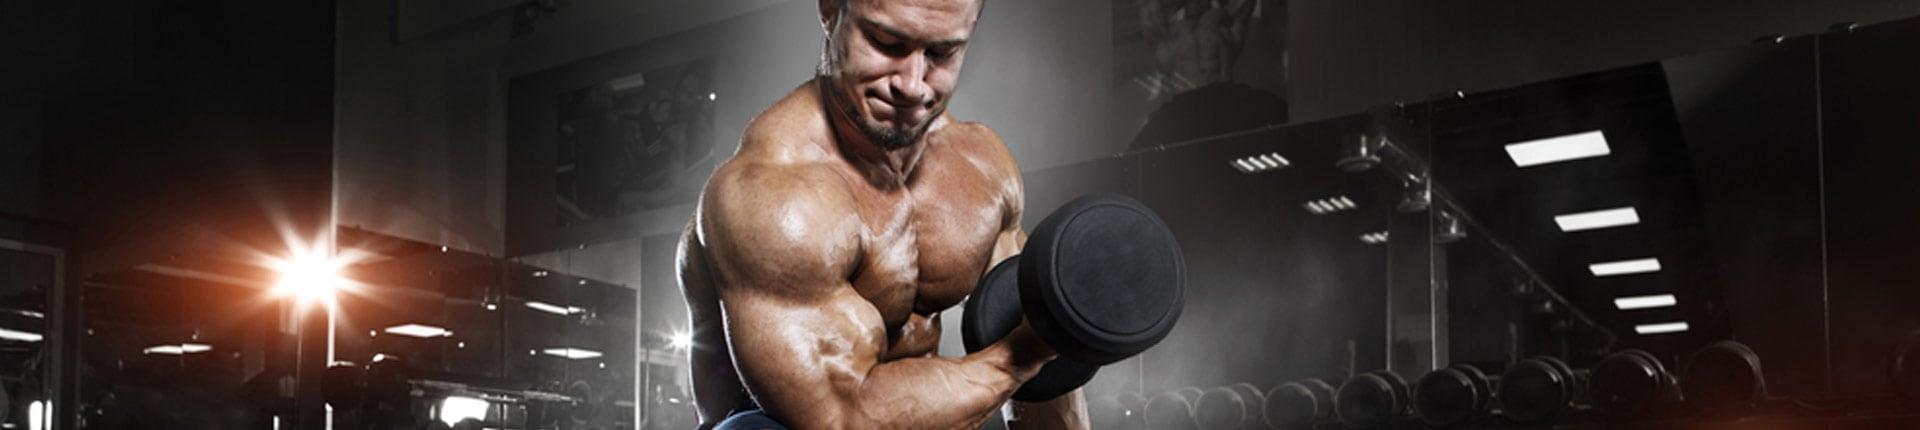 Ile razy w tygodniu należy ćwiczyć? Jak często trenować?